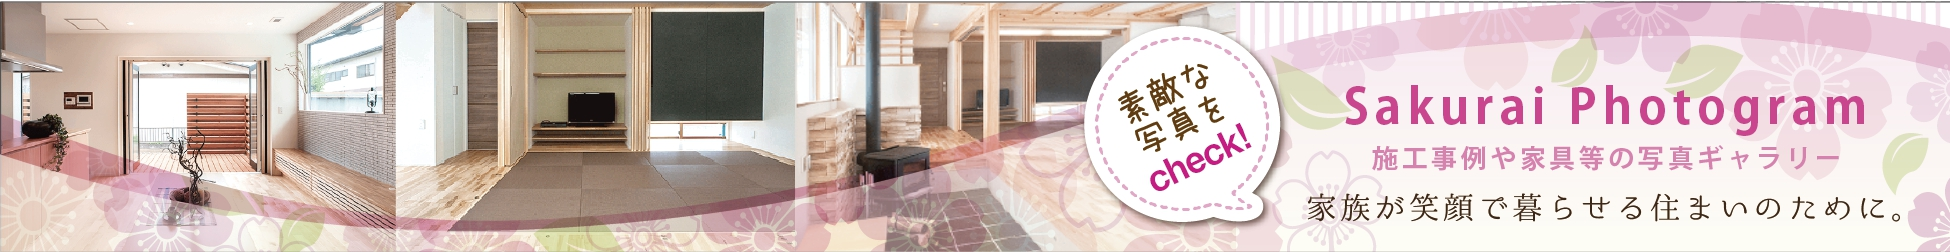 Sakurai Photogram